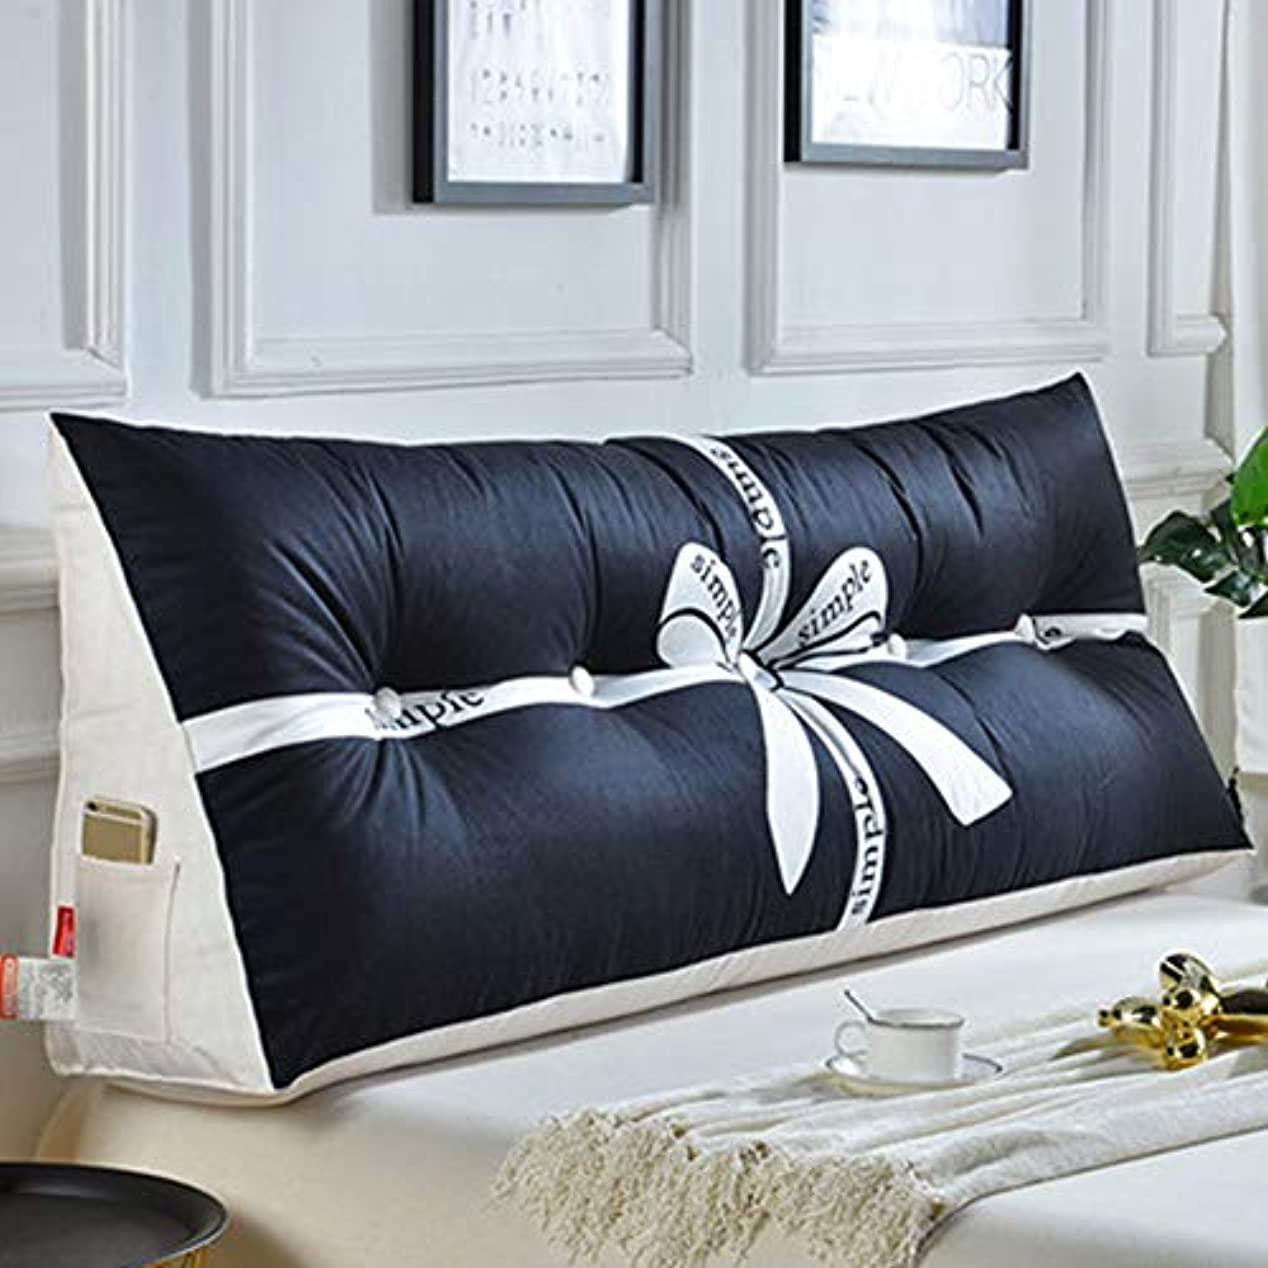 ダッシュ船酔いぼかすベッドサイドクッション大背もたれ脱着式畳ソファ枕枕腰枕、3色/ 5サイズ,c,100CM